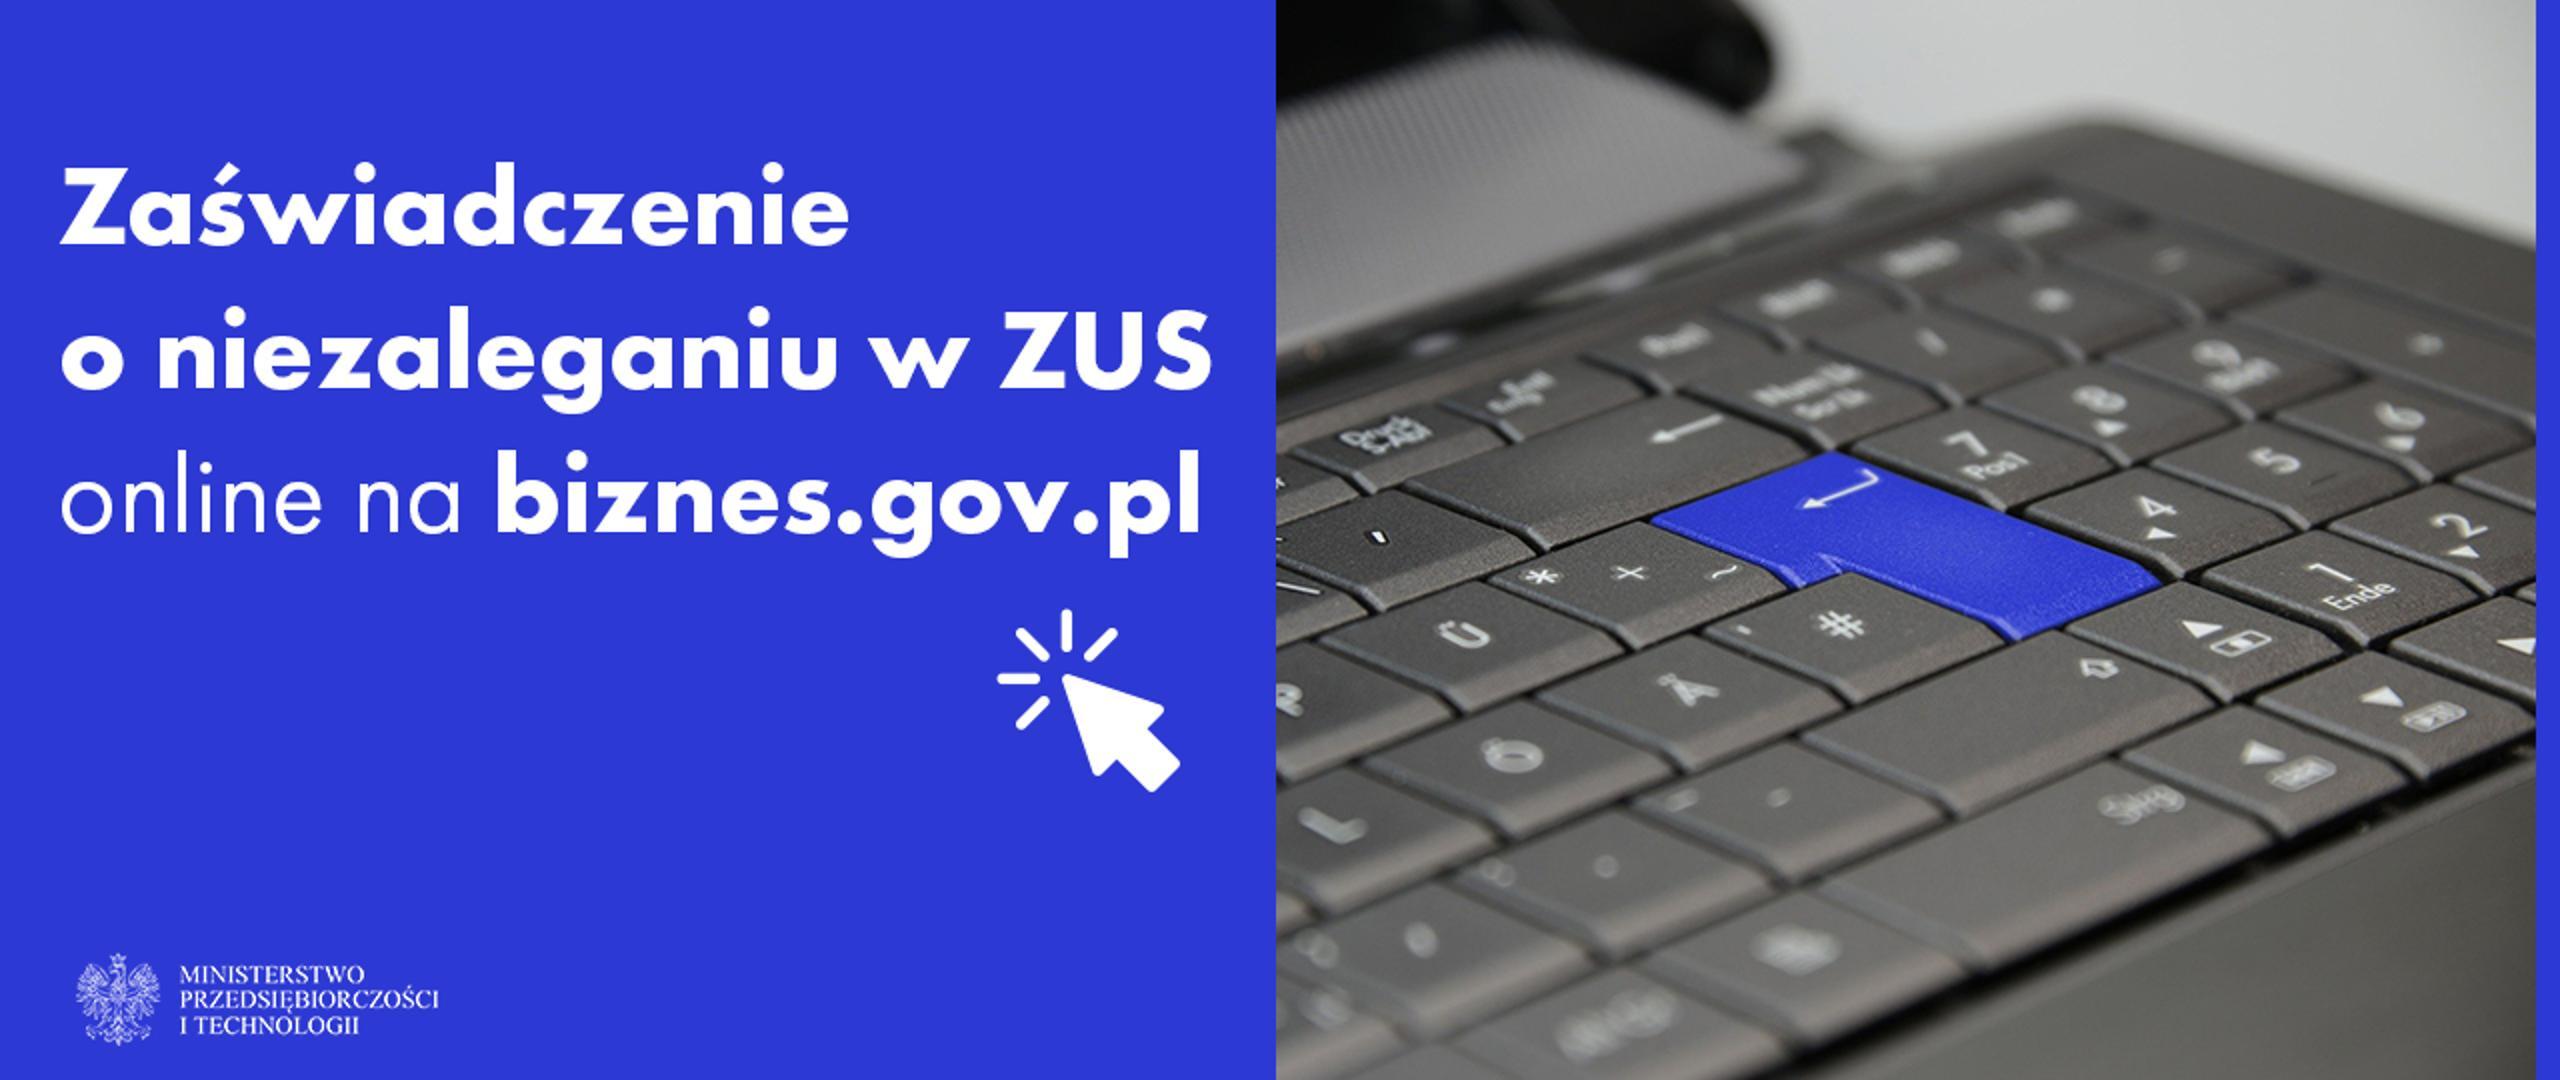 """Biały napis """"zaświadczenie o niezaleganiu w ZUS online na Biznes.gov.pl"""" na niebieskim tle. Obok zdjęcie szarek klawiatury laptopa z niebieskim przyciskiem enter."""